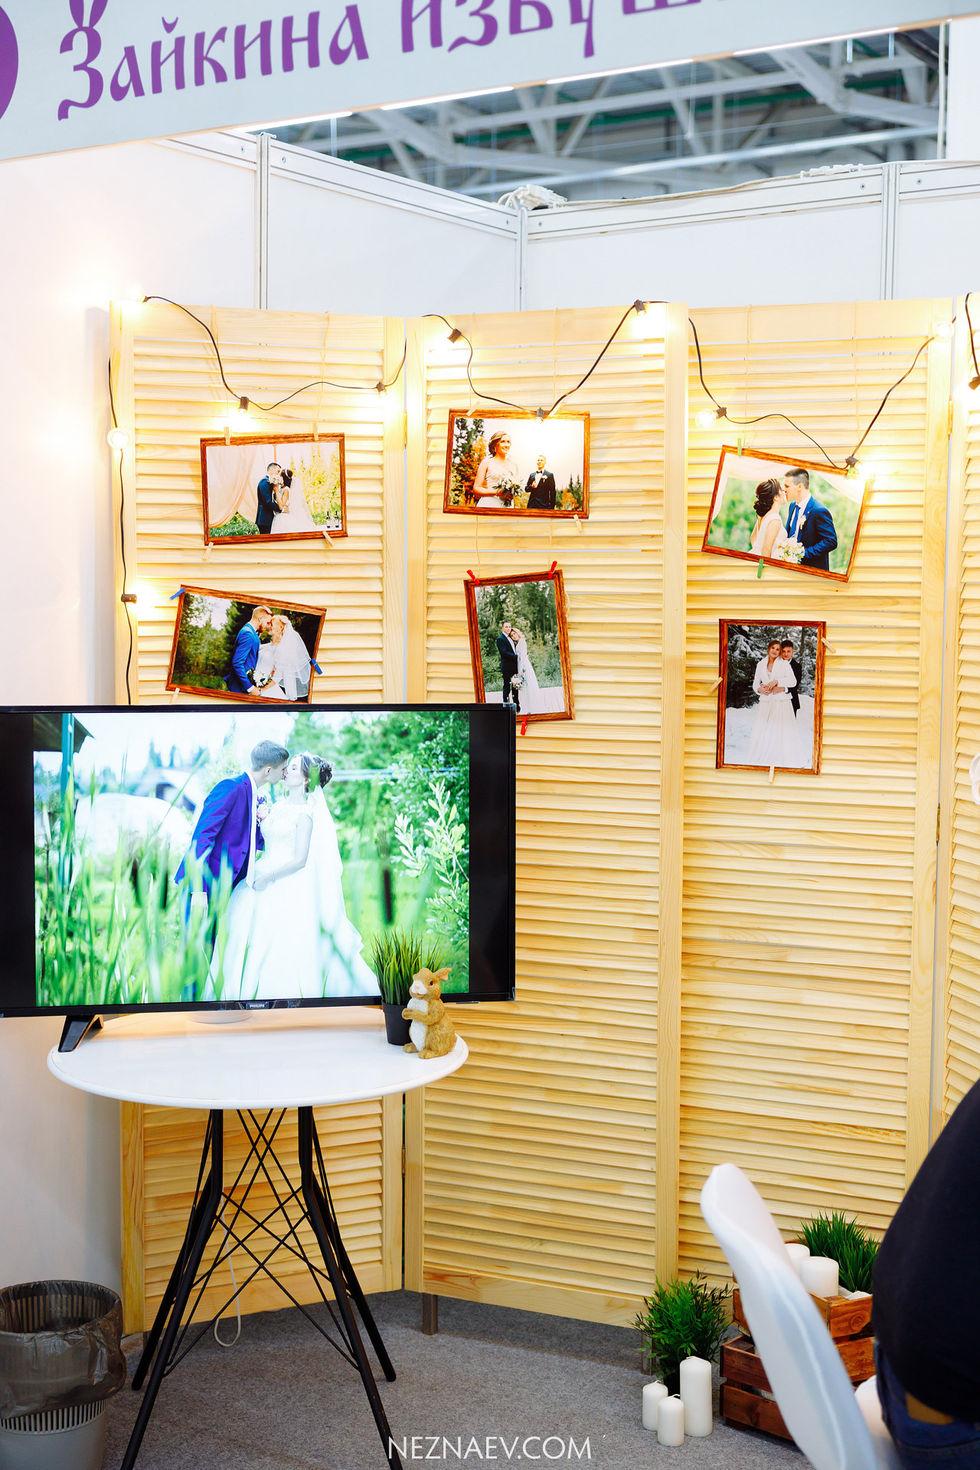 2020.03.01 Wedding Expo-033.jpg